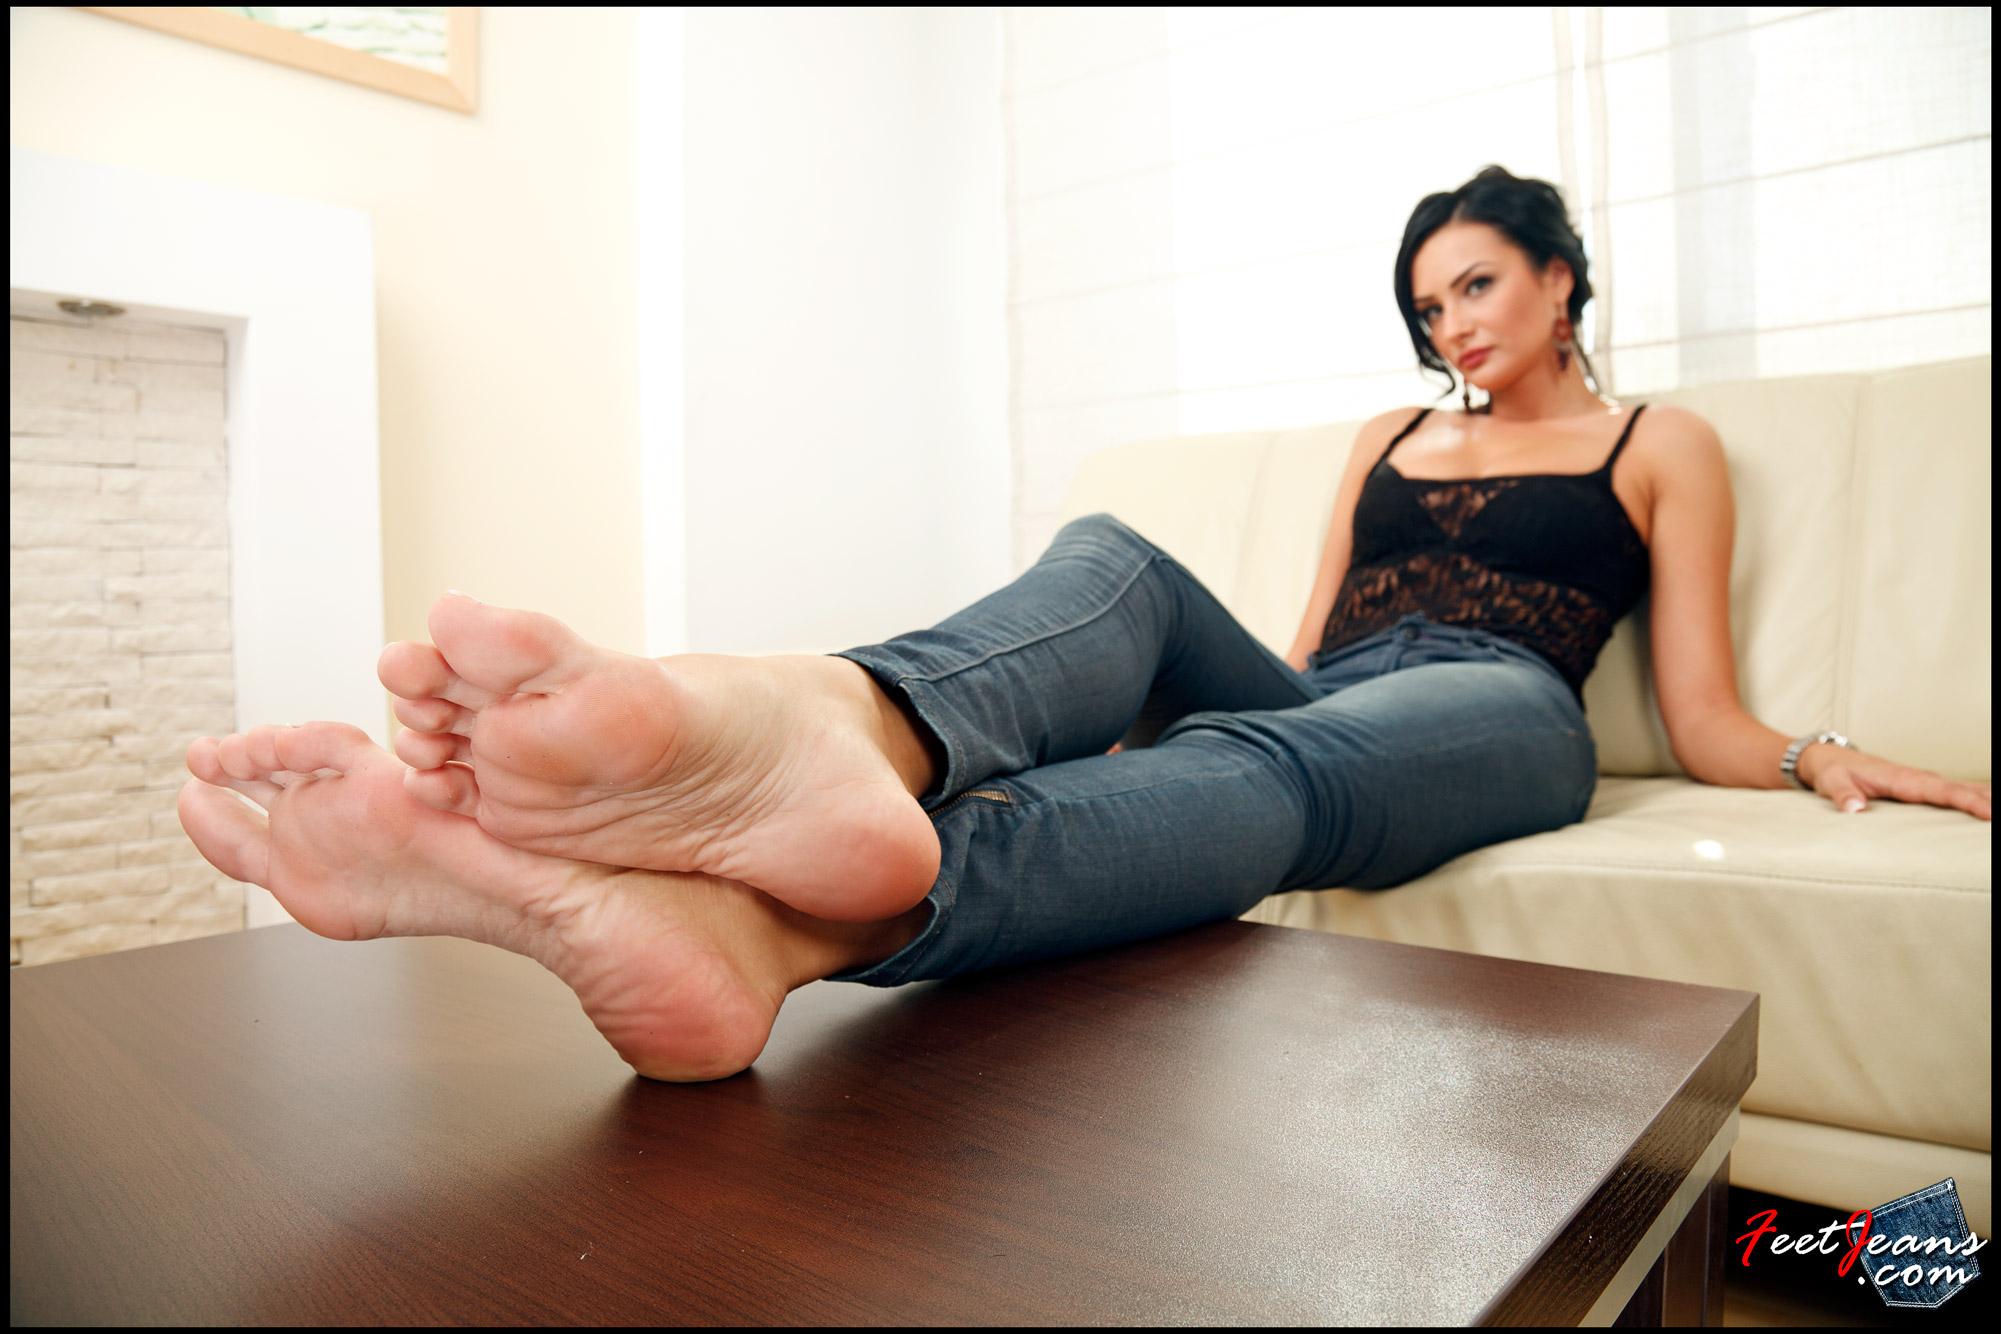 Фут фетиш красивые ножки, Извращенский фут фетиш с похотливыми зрелыми 26 фотография